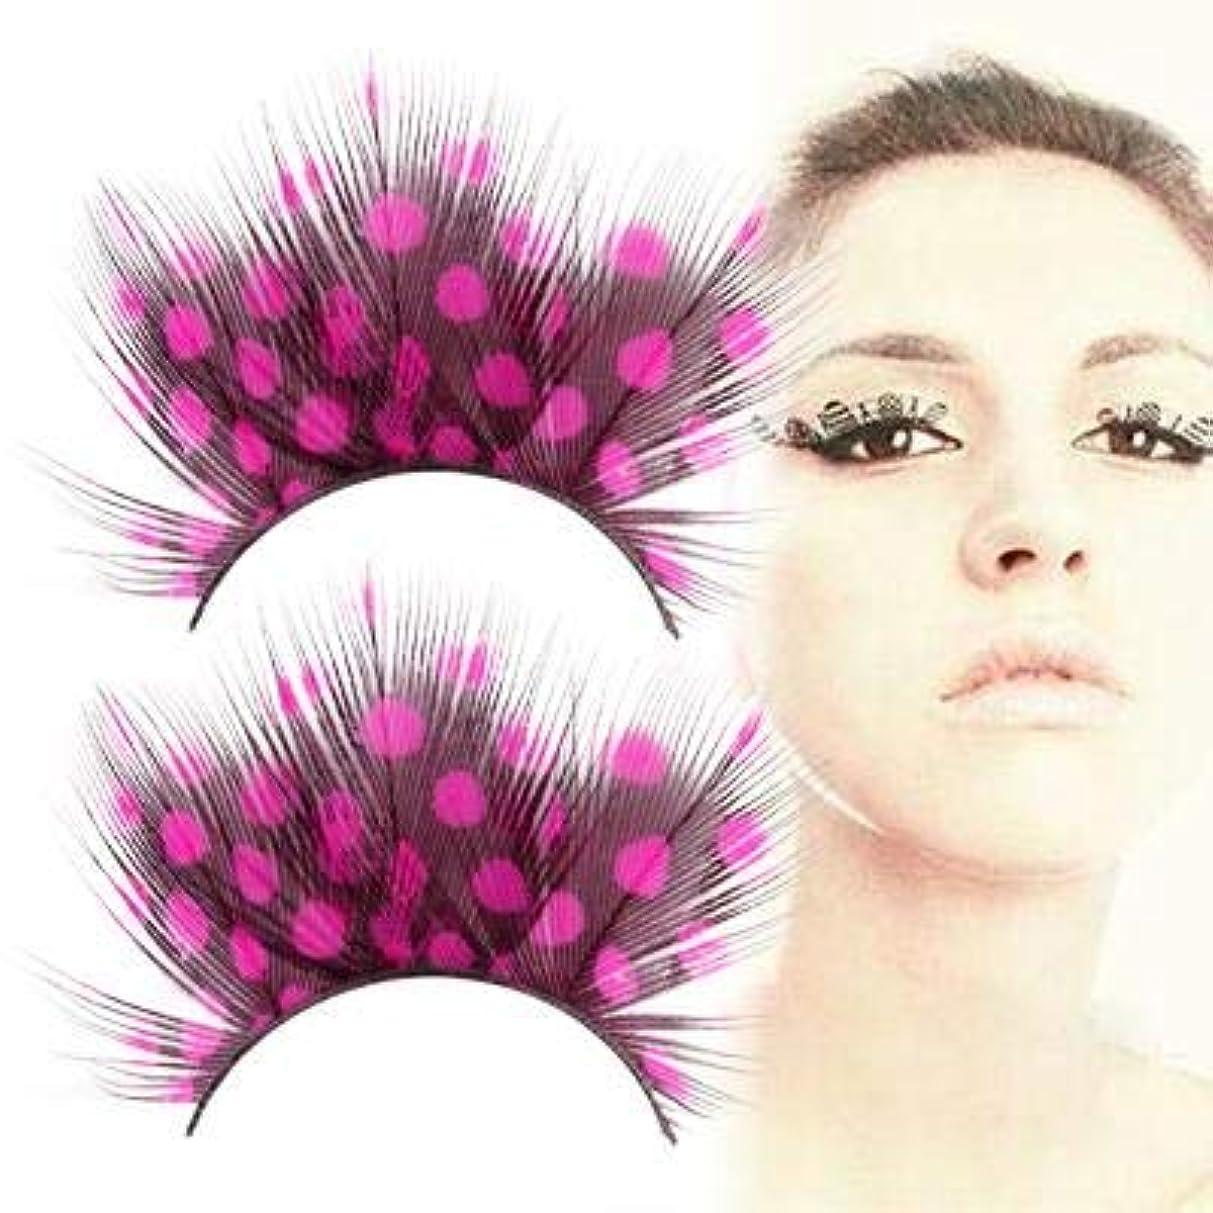 レコーダー恐れ具体的に美容アクセサリー ペアのスポットデザイン大きな目の偽のまつげ 写真美容アクセサリー (色 : Color1)